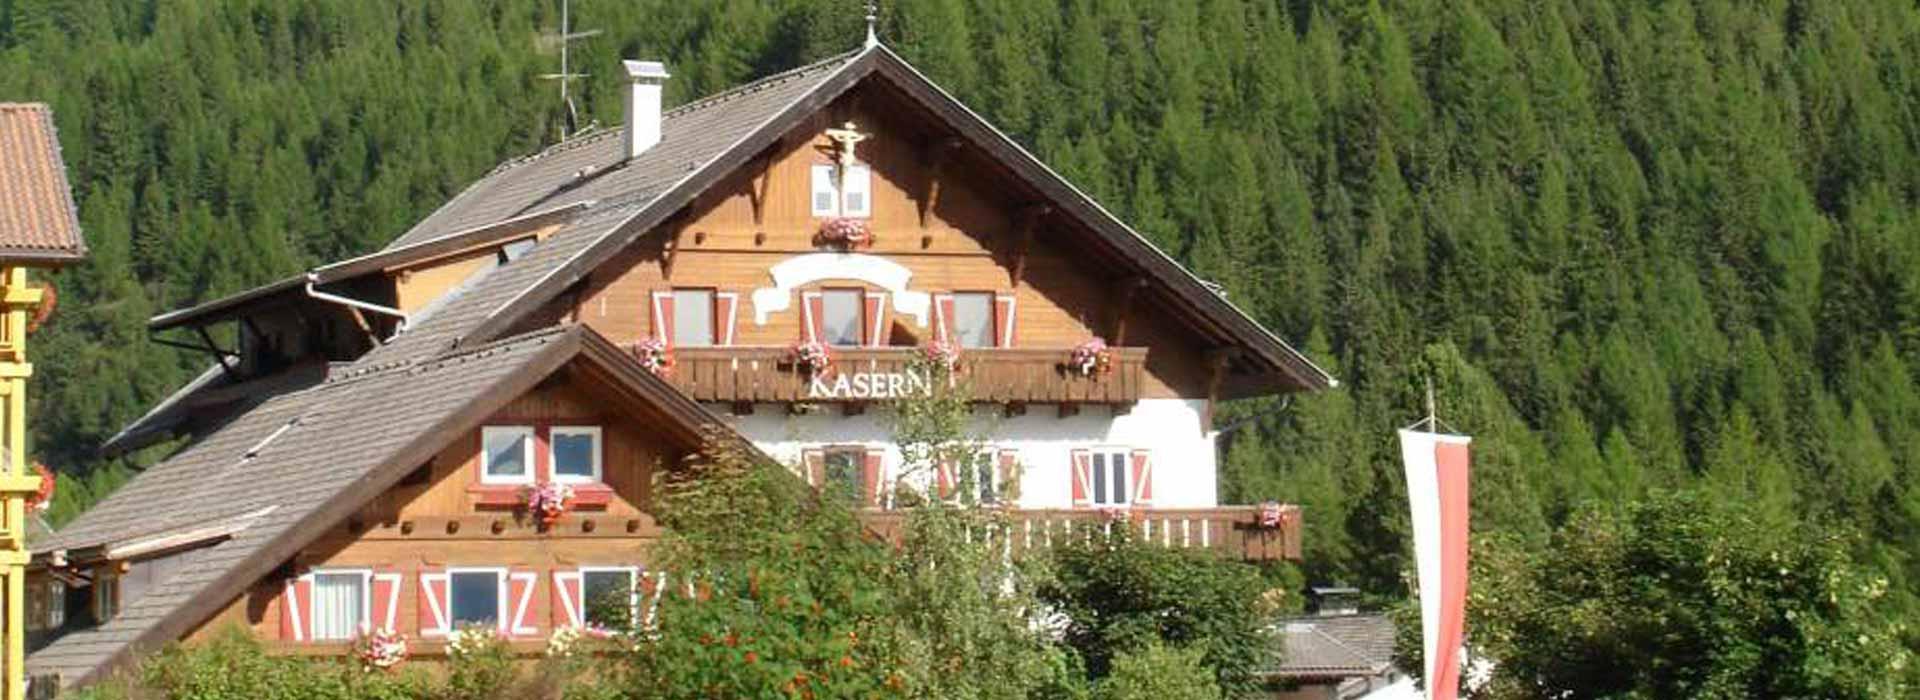 Ansicht: Berghotel Kasern